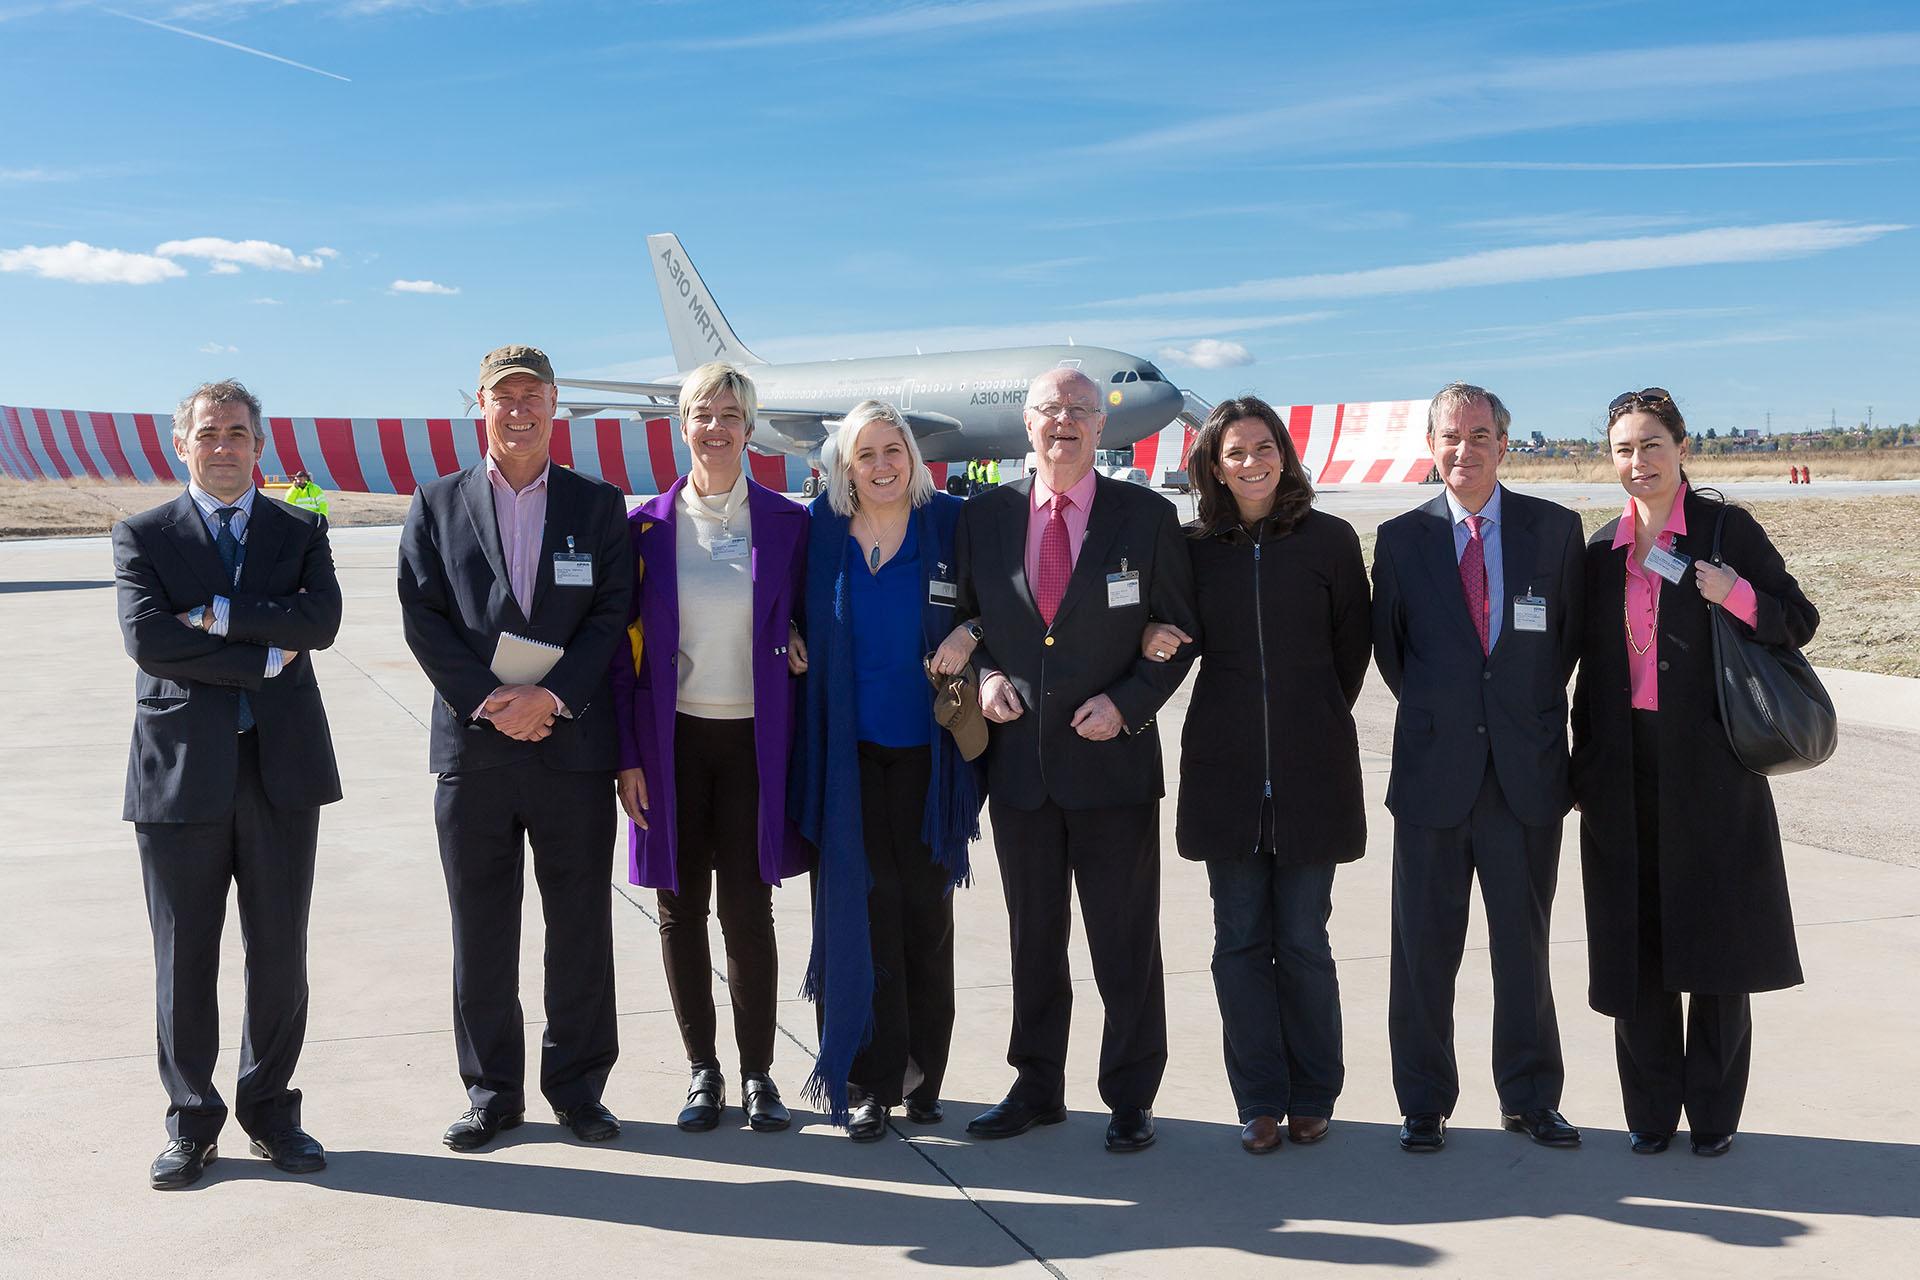 visita-de-la-fundacion-consejo-espana-australia-y-miembros-de-asba-a-las-instalaciones-de-airbus-defence-and-space-en-getafe